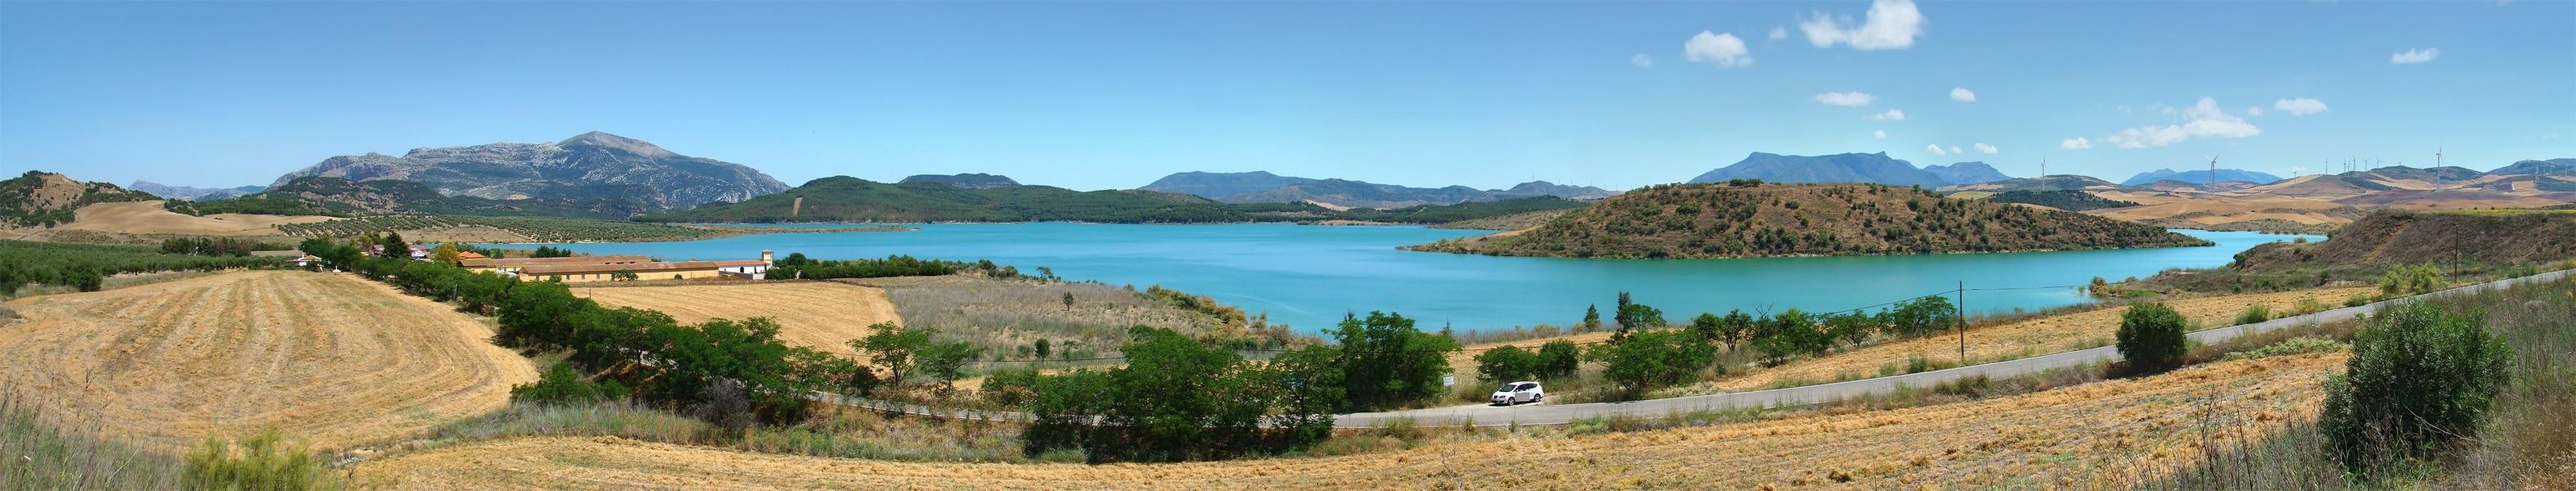 Guadalteba, Andalusia, Spain